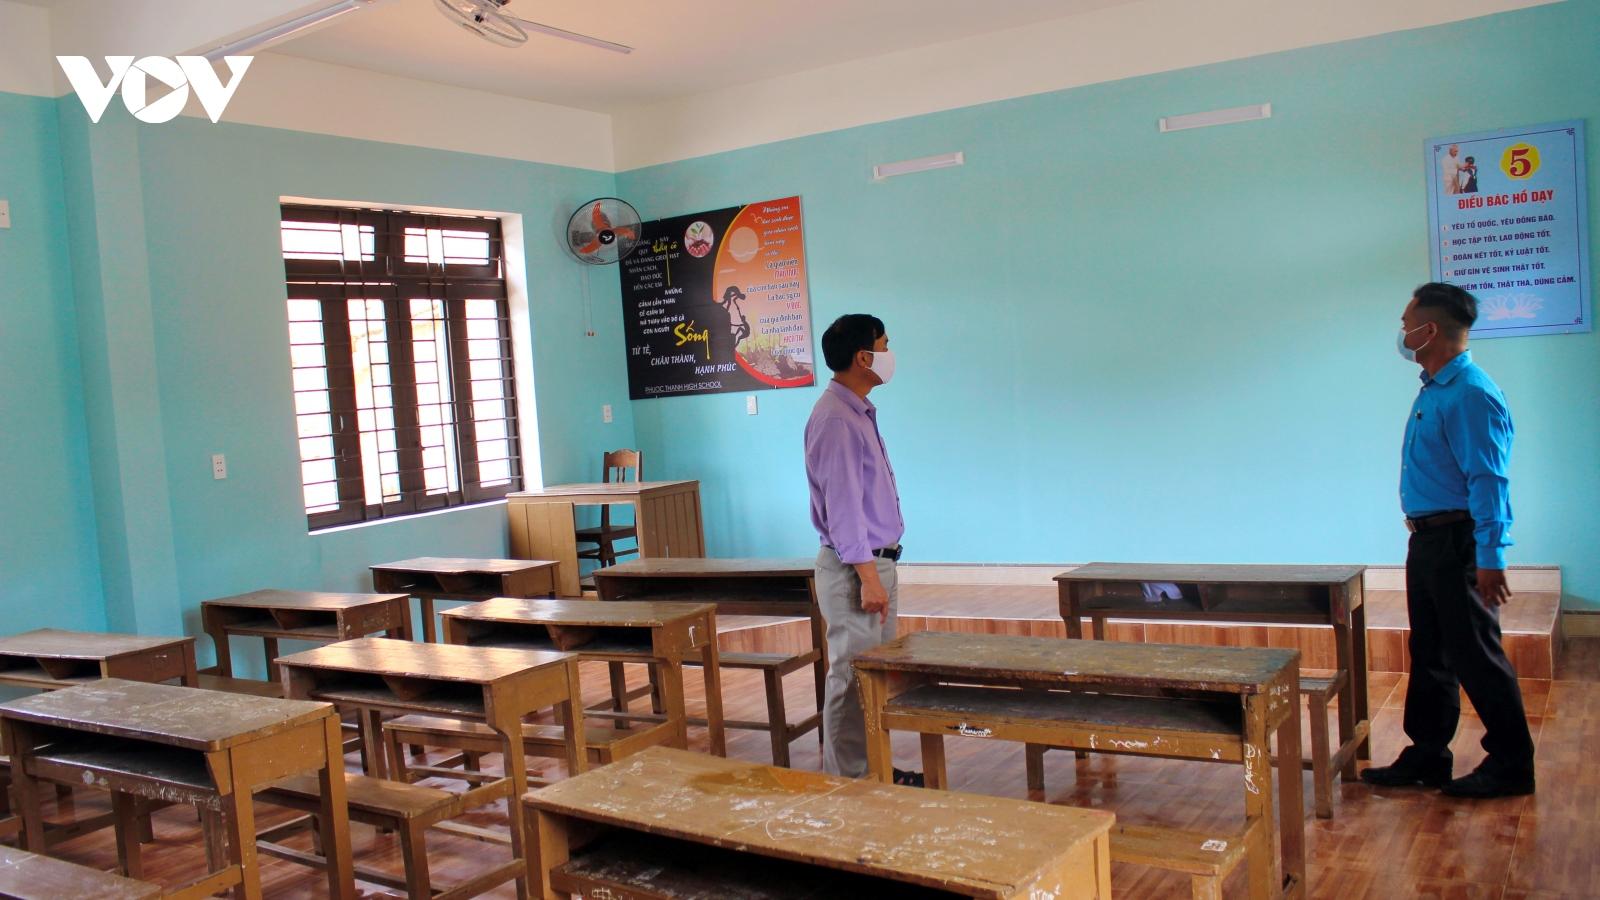 Quảng Nam kích hoạt lại các tổ giám sát an toàn Covid-19 ở các cơ sở giáo dục và đào tạo